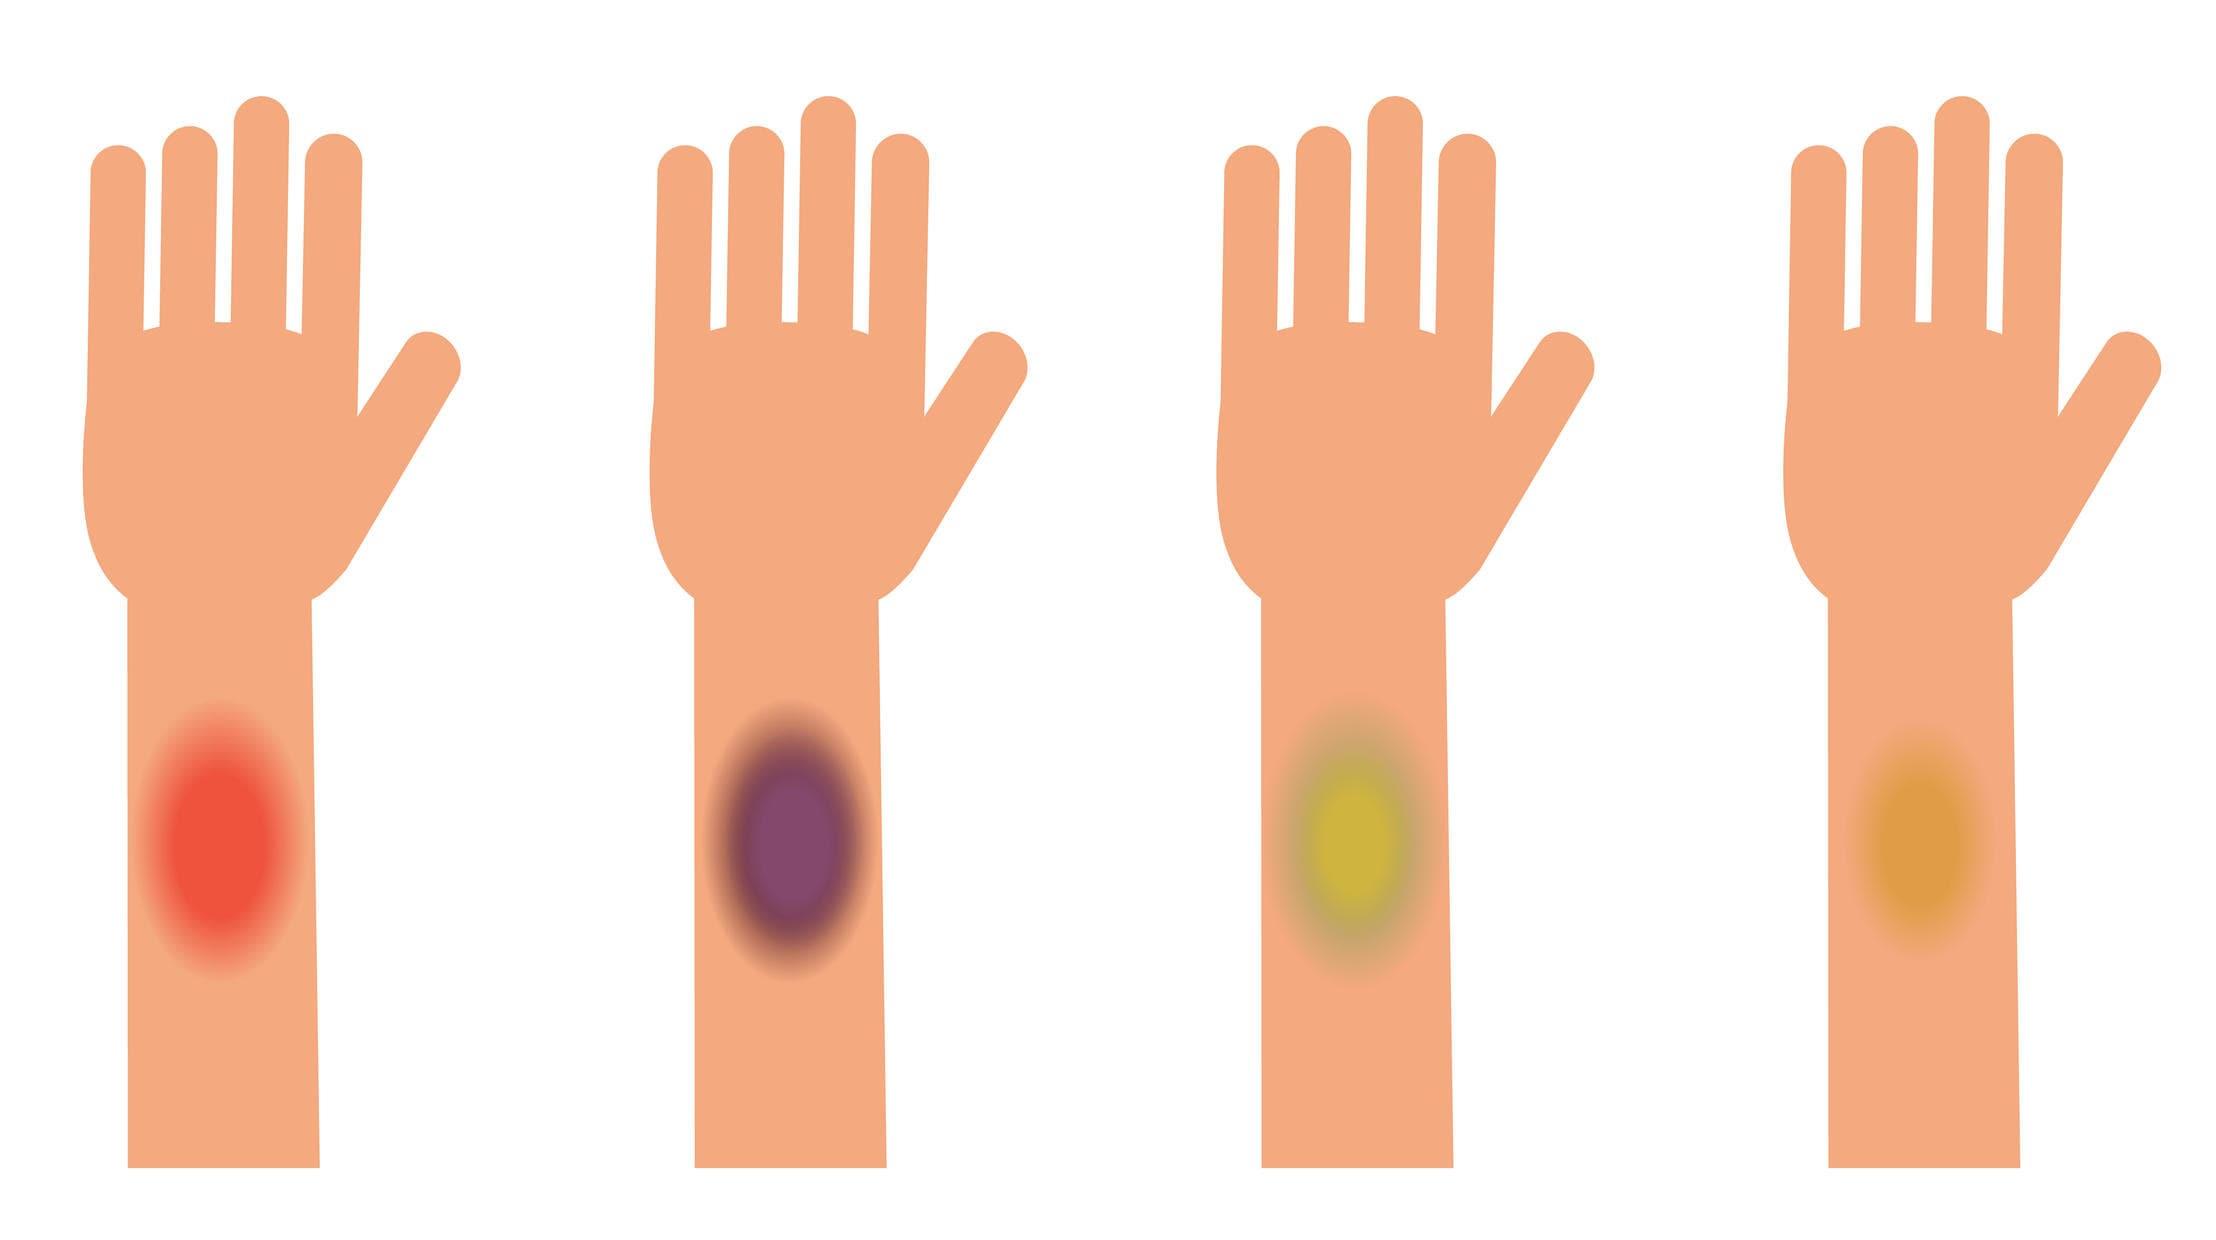 Evoluzione del colore negli ematomi